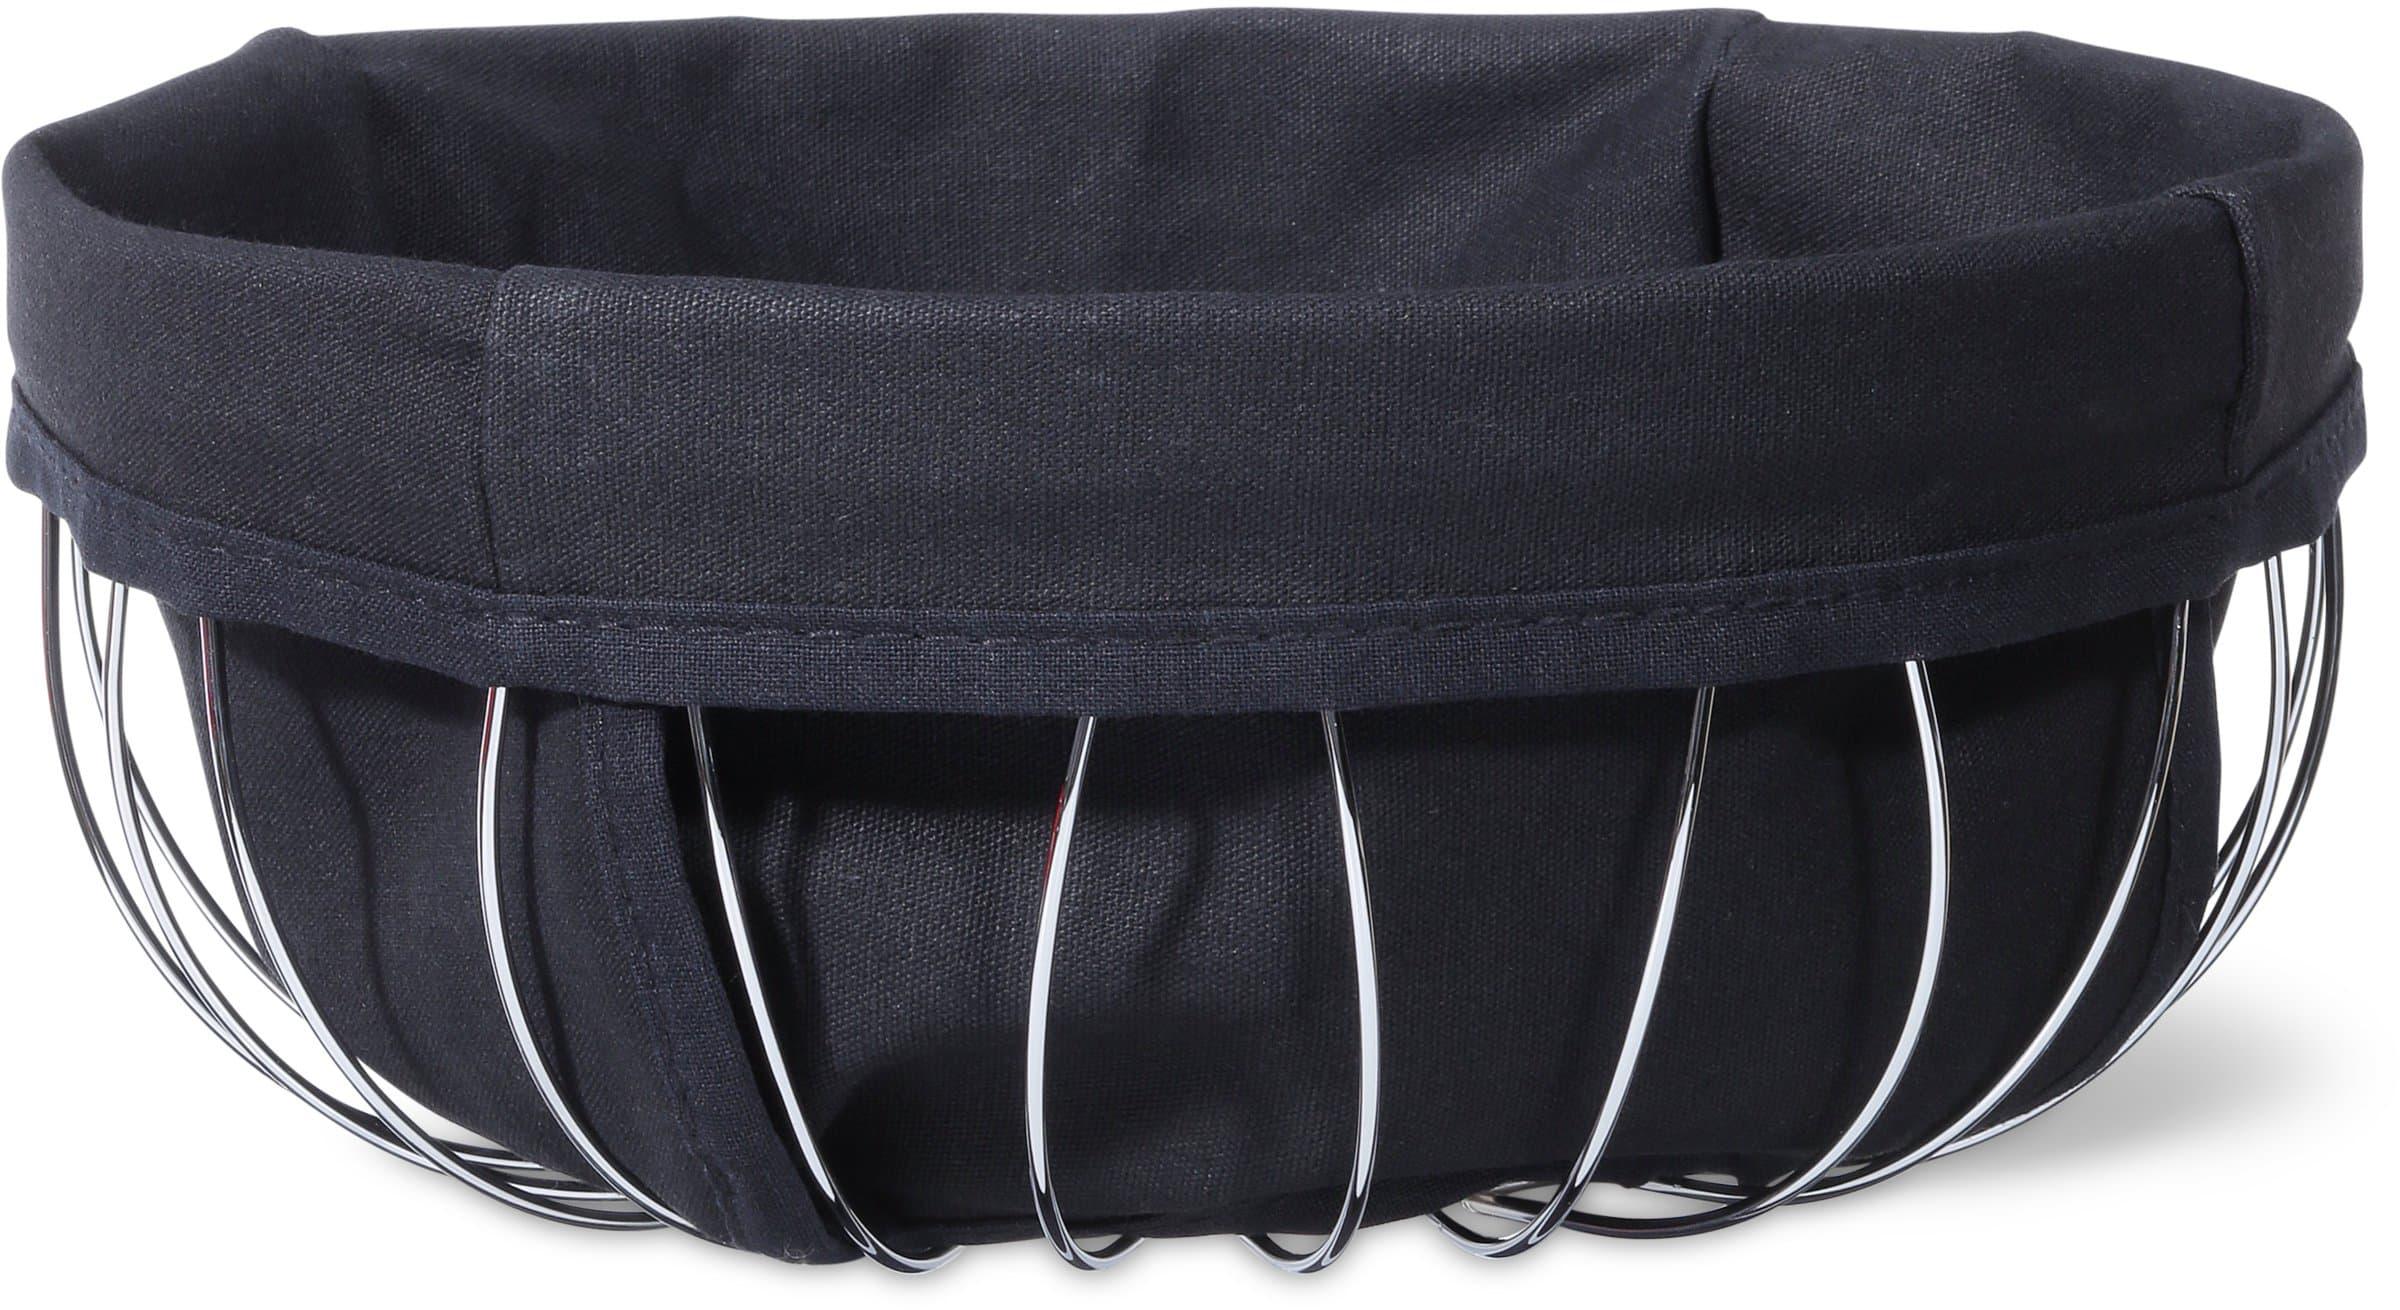 Cucina & Tavola Cesto bordato con fascia in stoffa